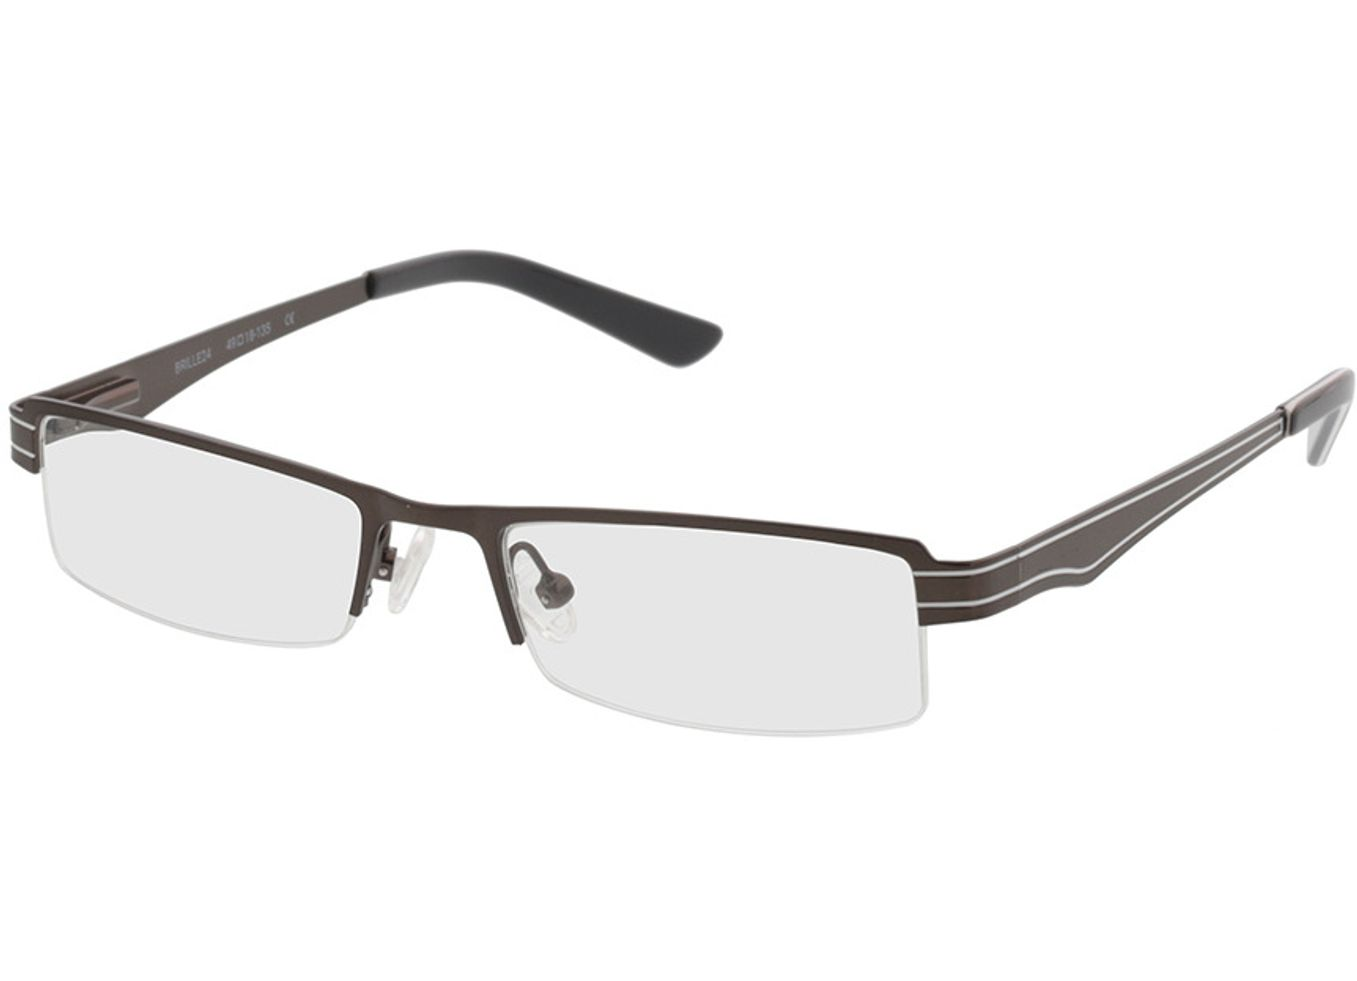 4709-singlevision-0000 Kali-grau Gleitsichtbrille, Halbrand, Dünn Brille24 Collection